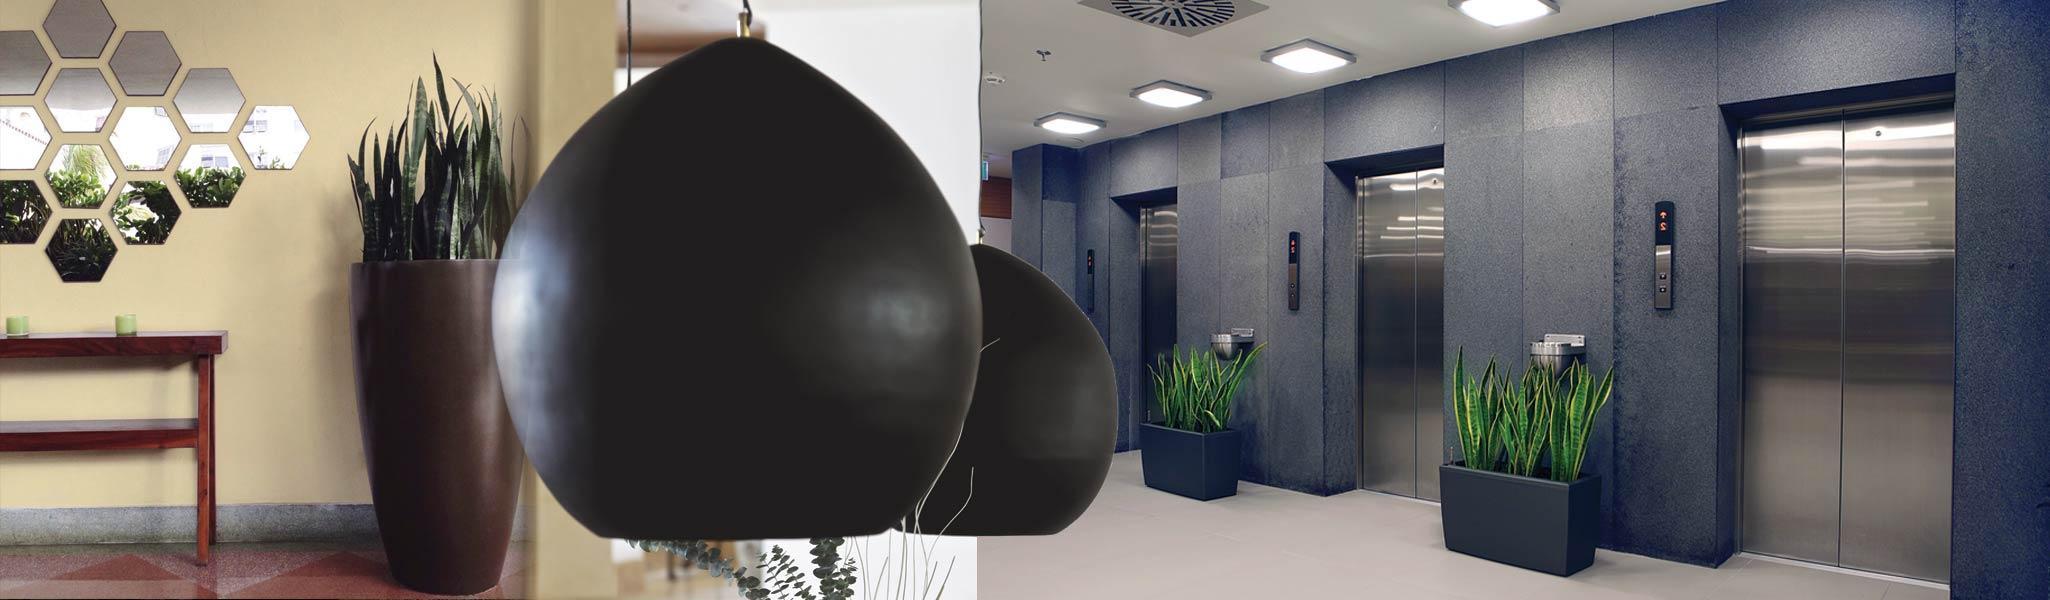 Idee e soluzioni per verniciatura accessori arredo interno for Idee e accessori